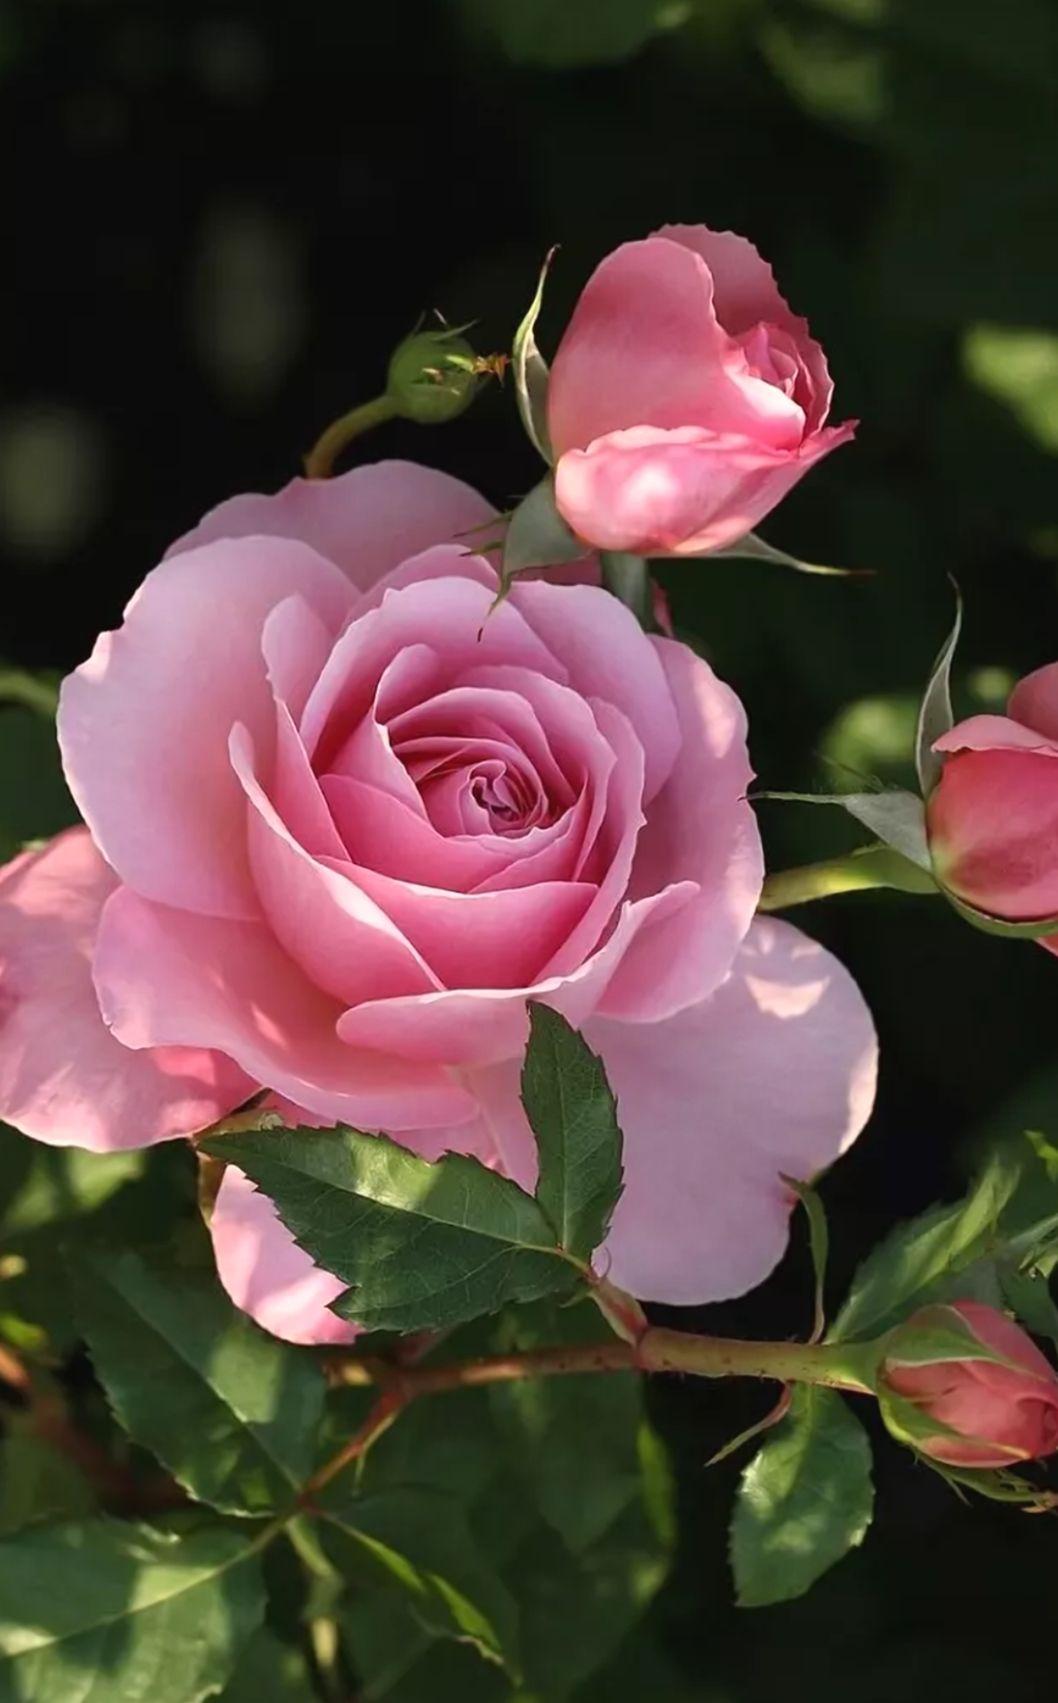 Best Rose Plants Online Rosegardening Beautiful Rose Flowers Pink Flowers Love Flowers